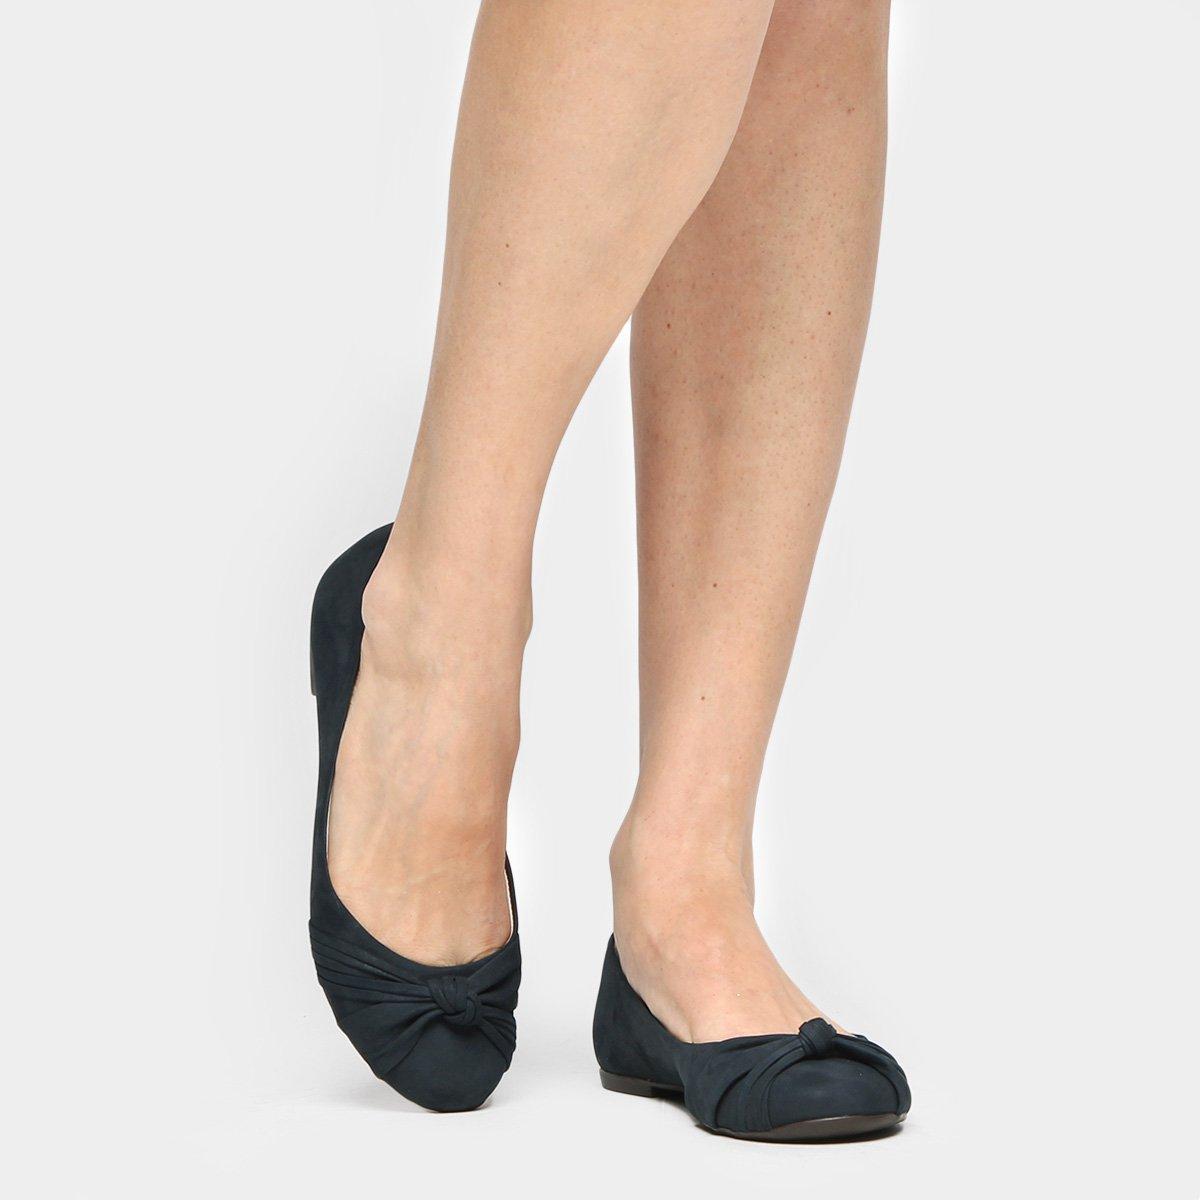 Feminina Couro Sapatilha Sapatilha Couro Shoestock Nó Shoestock Nó Marinho Feminina axwZPFf88